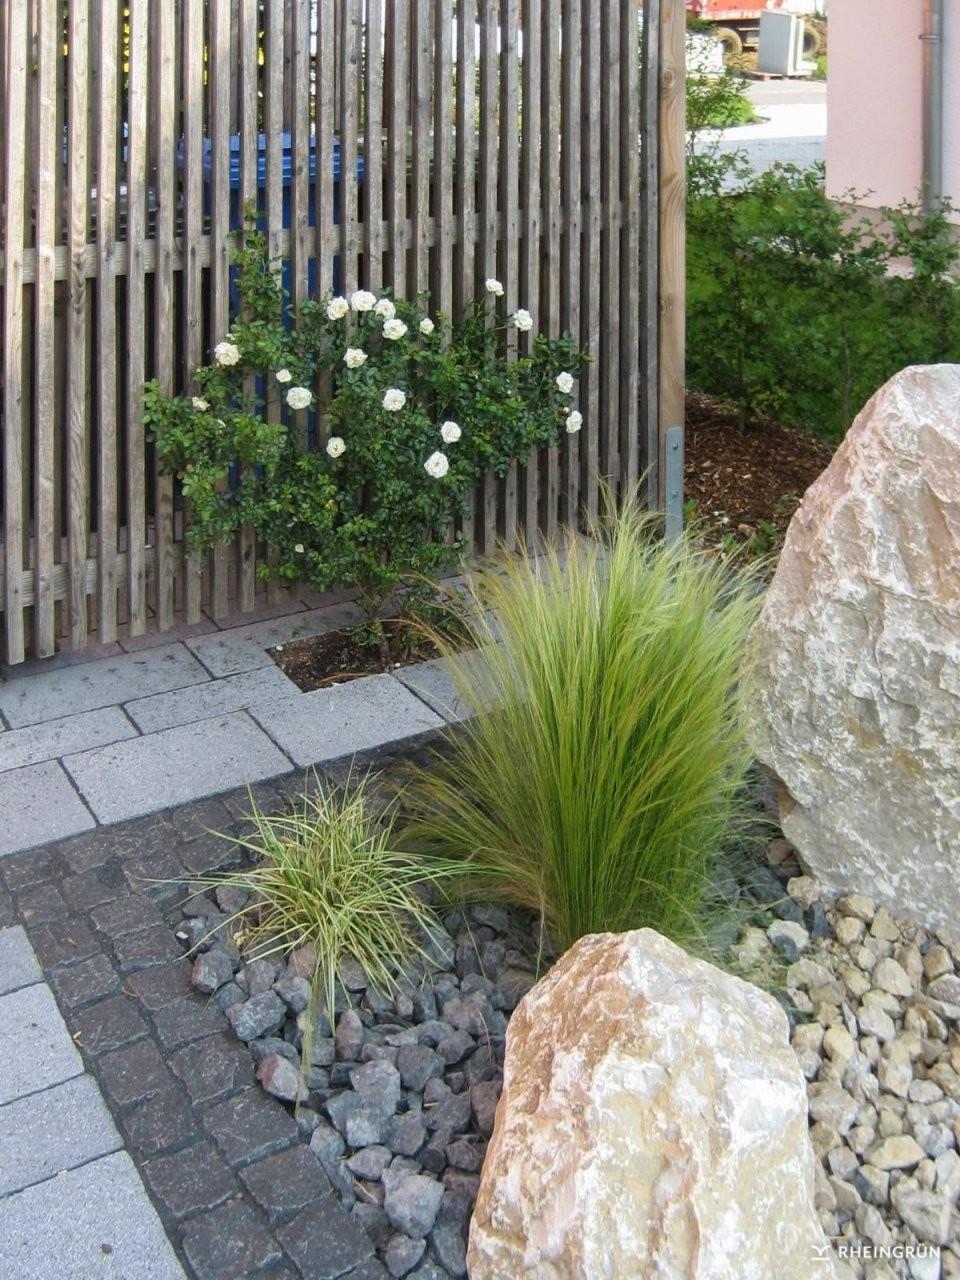 Pflegeleichter Vorgarten Mit Großen Steinen Und Gräsern  Japanische von Vorgarten Gestalten Mit Kies Und Gräsern Bild